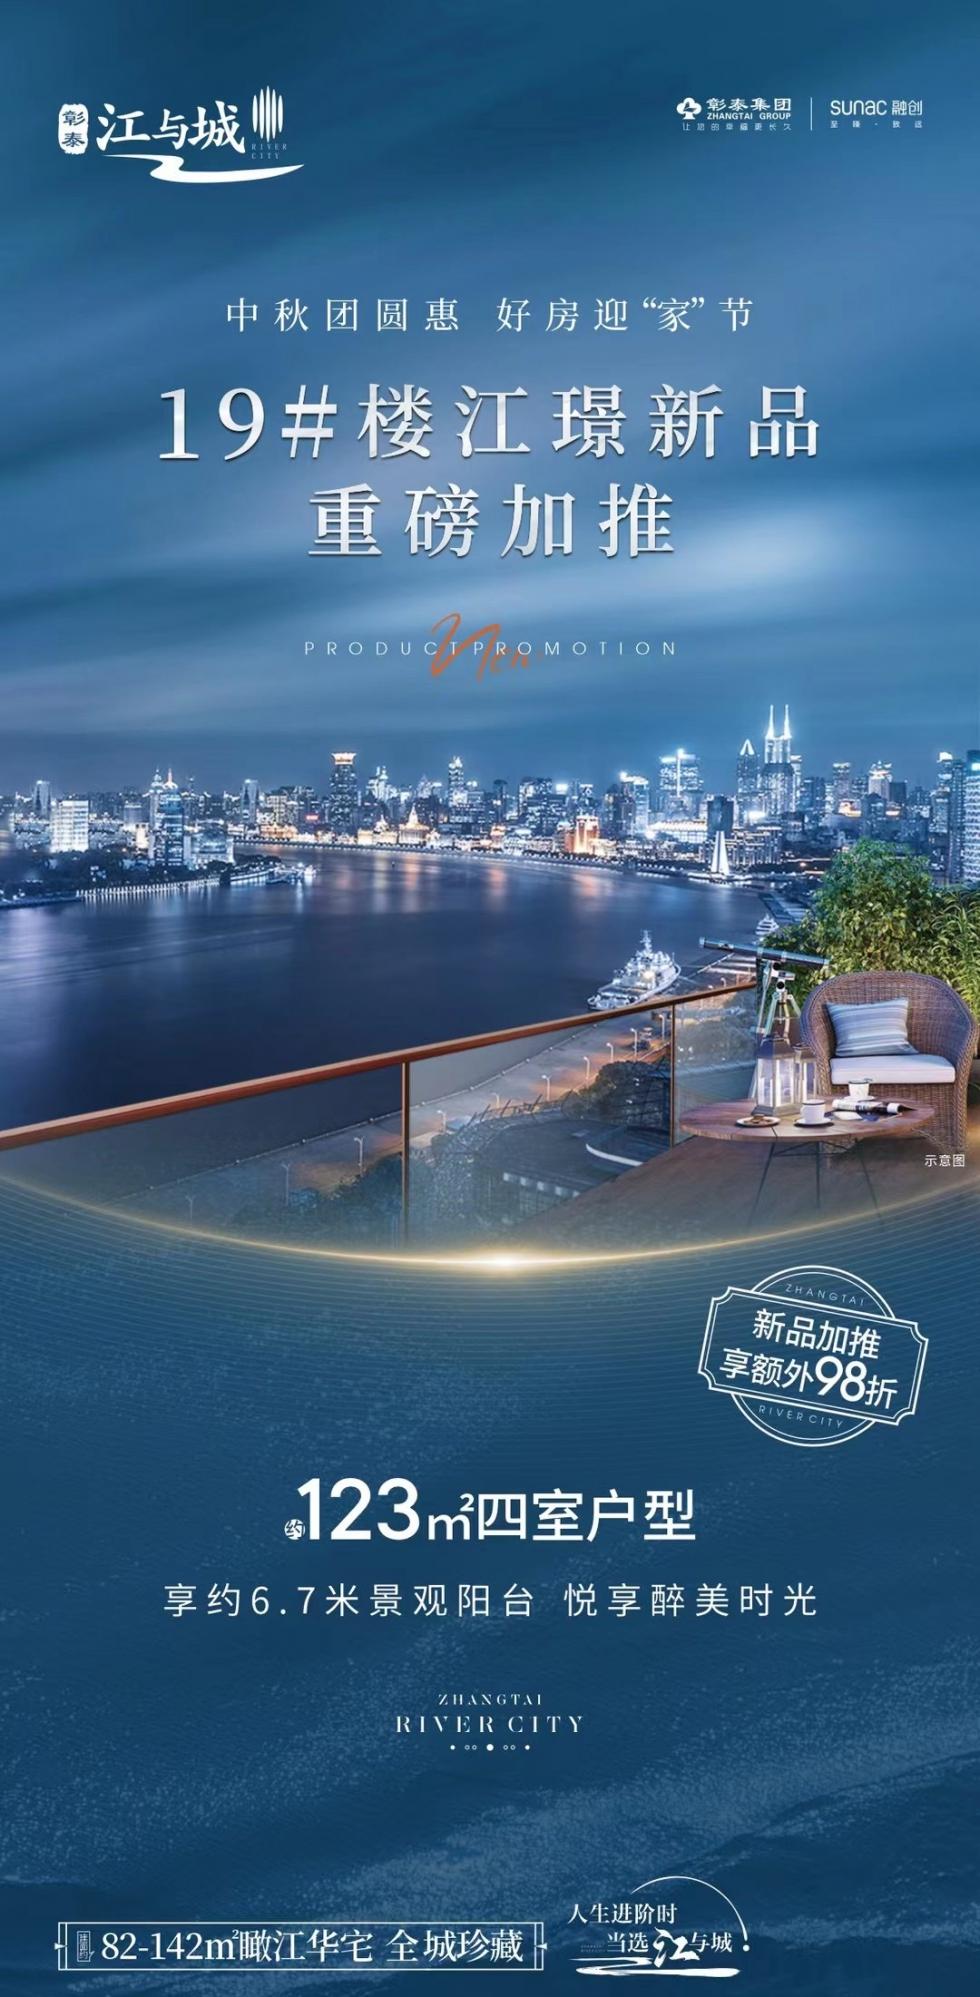 江与城.jpg